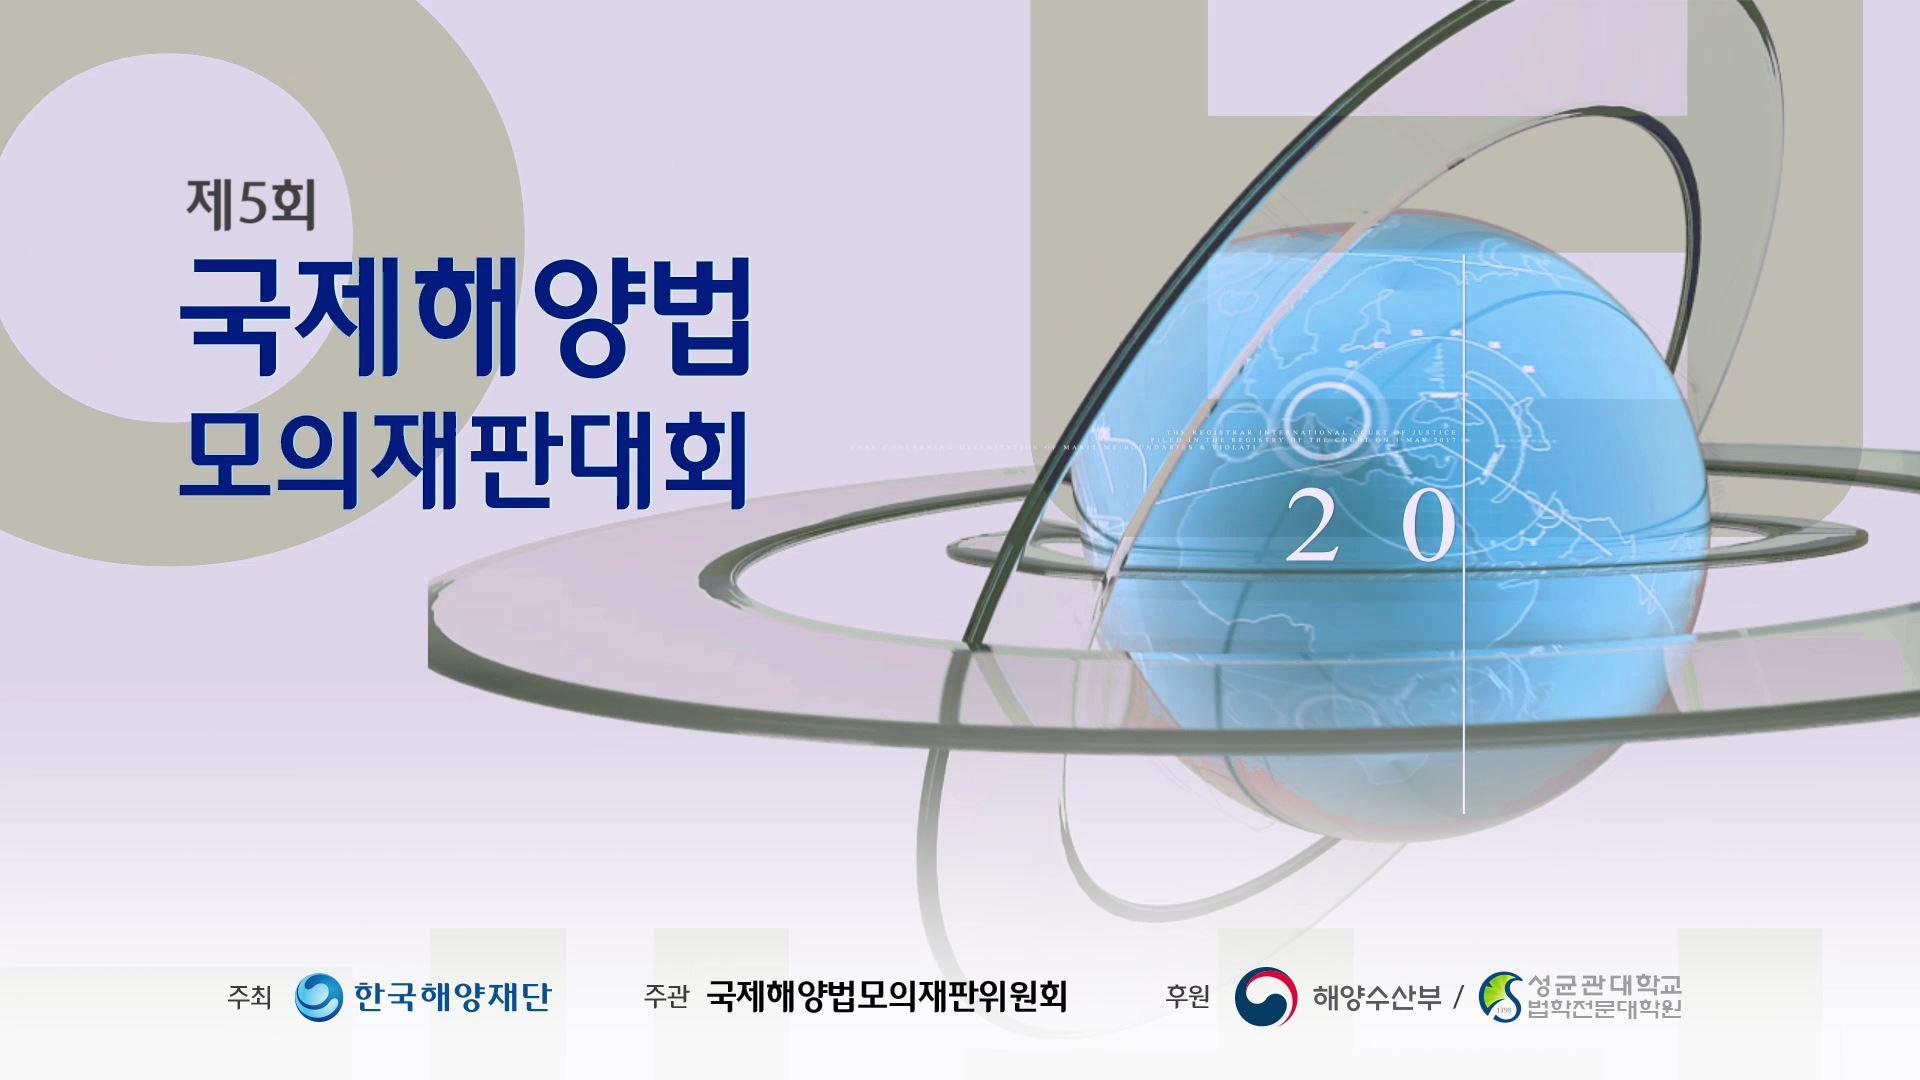 <제5회 국제해양법 모의재판대회> 스케치 영상